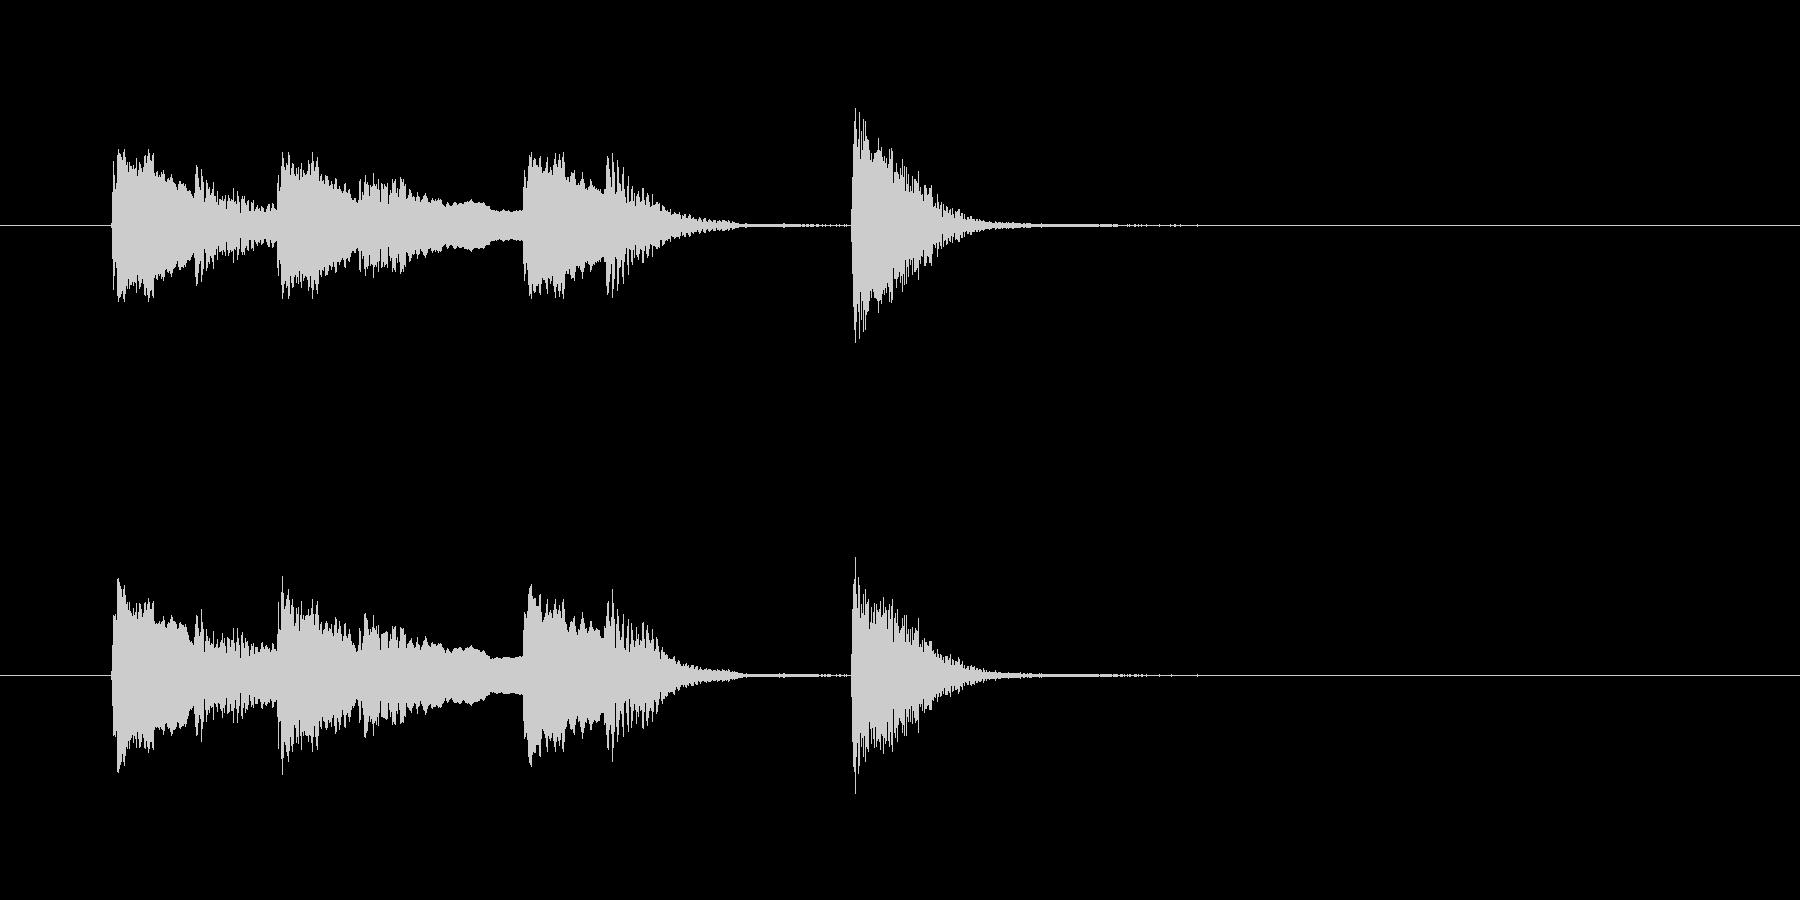 オチピアノ④ ズッコケ 場面転換の未再生の波形